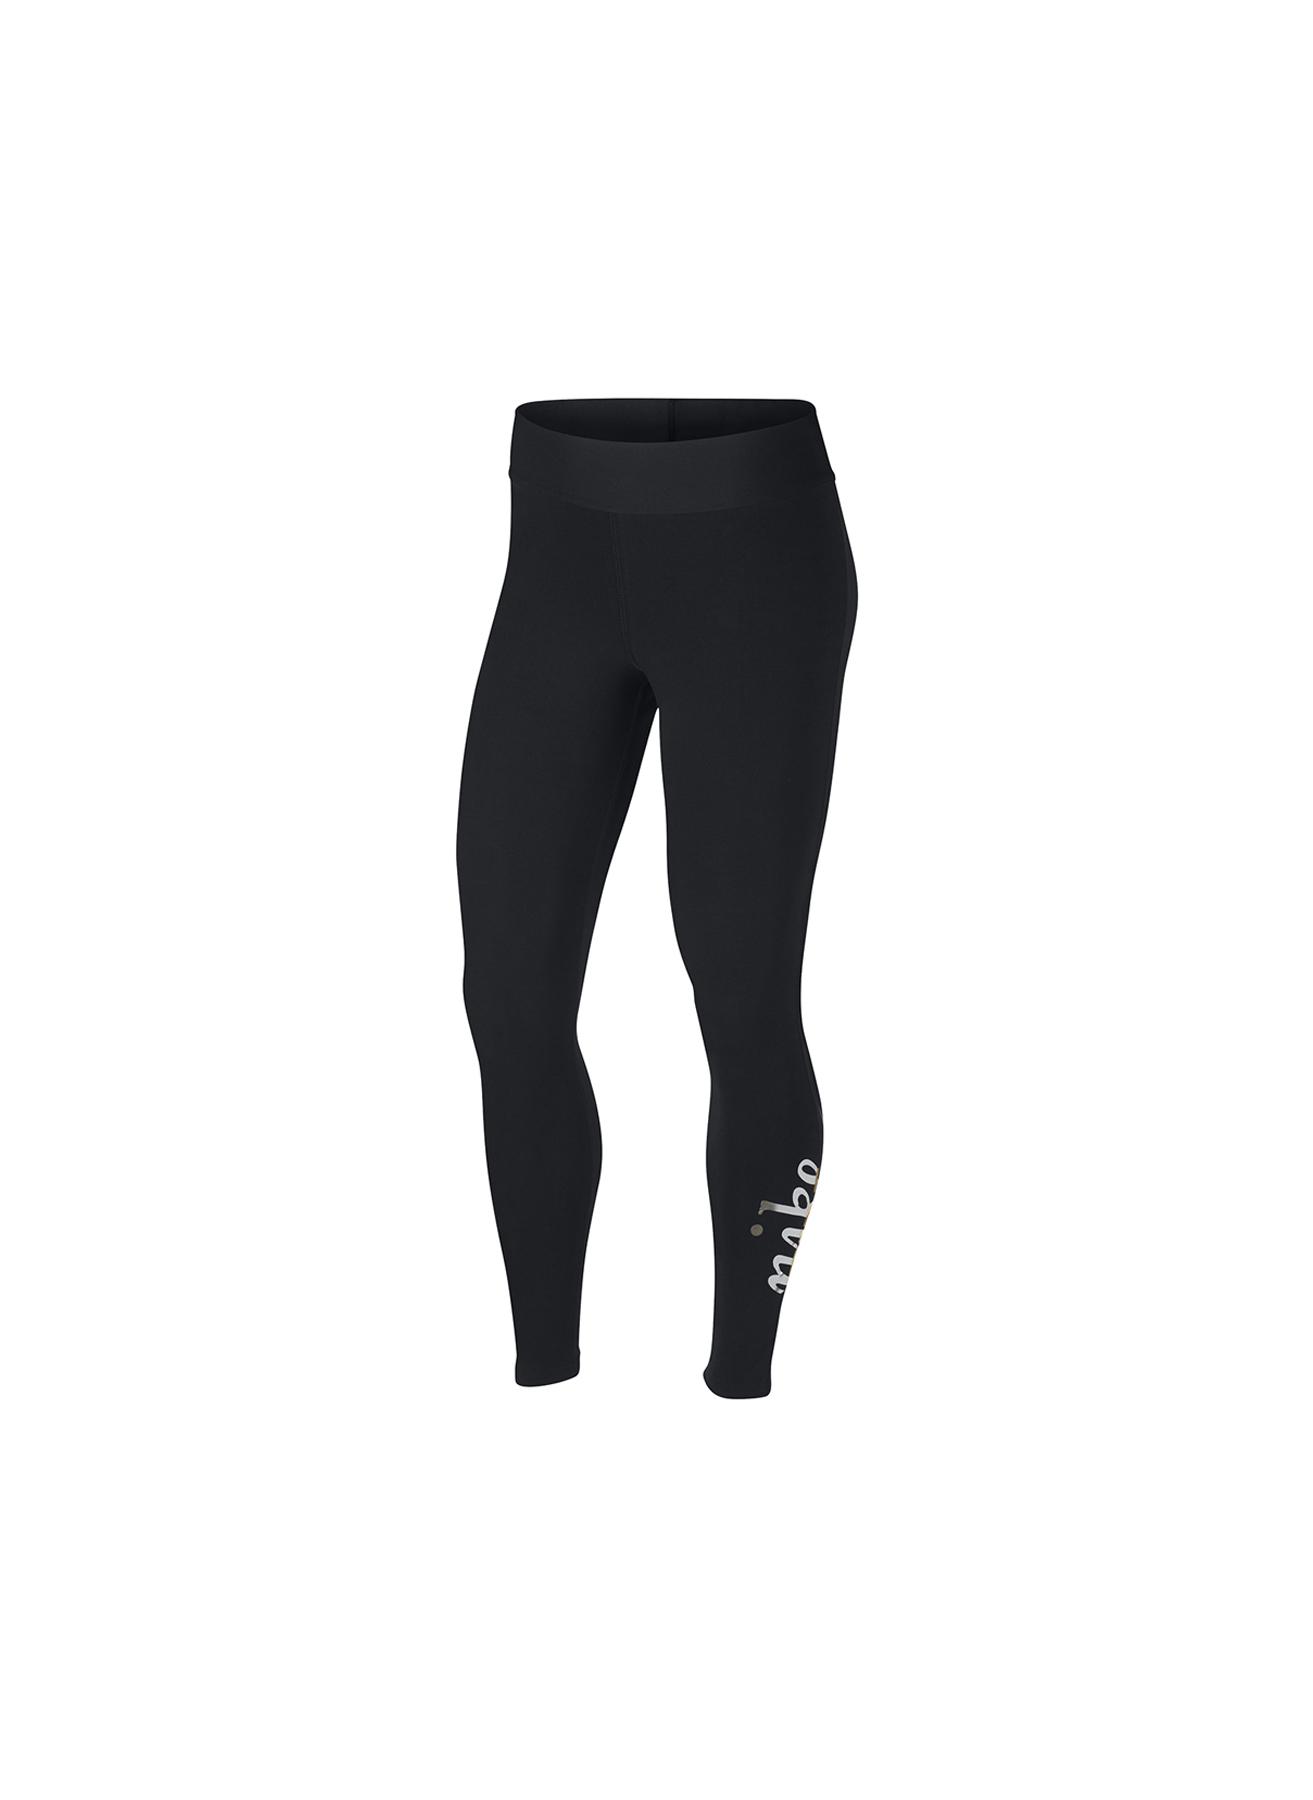 Nike Tayt L 5002329028001 Ürün Resmi